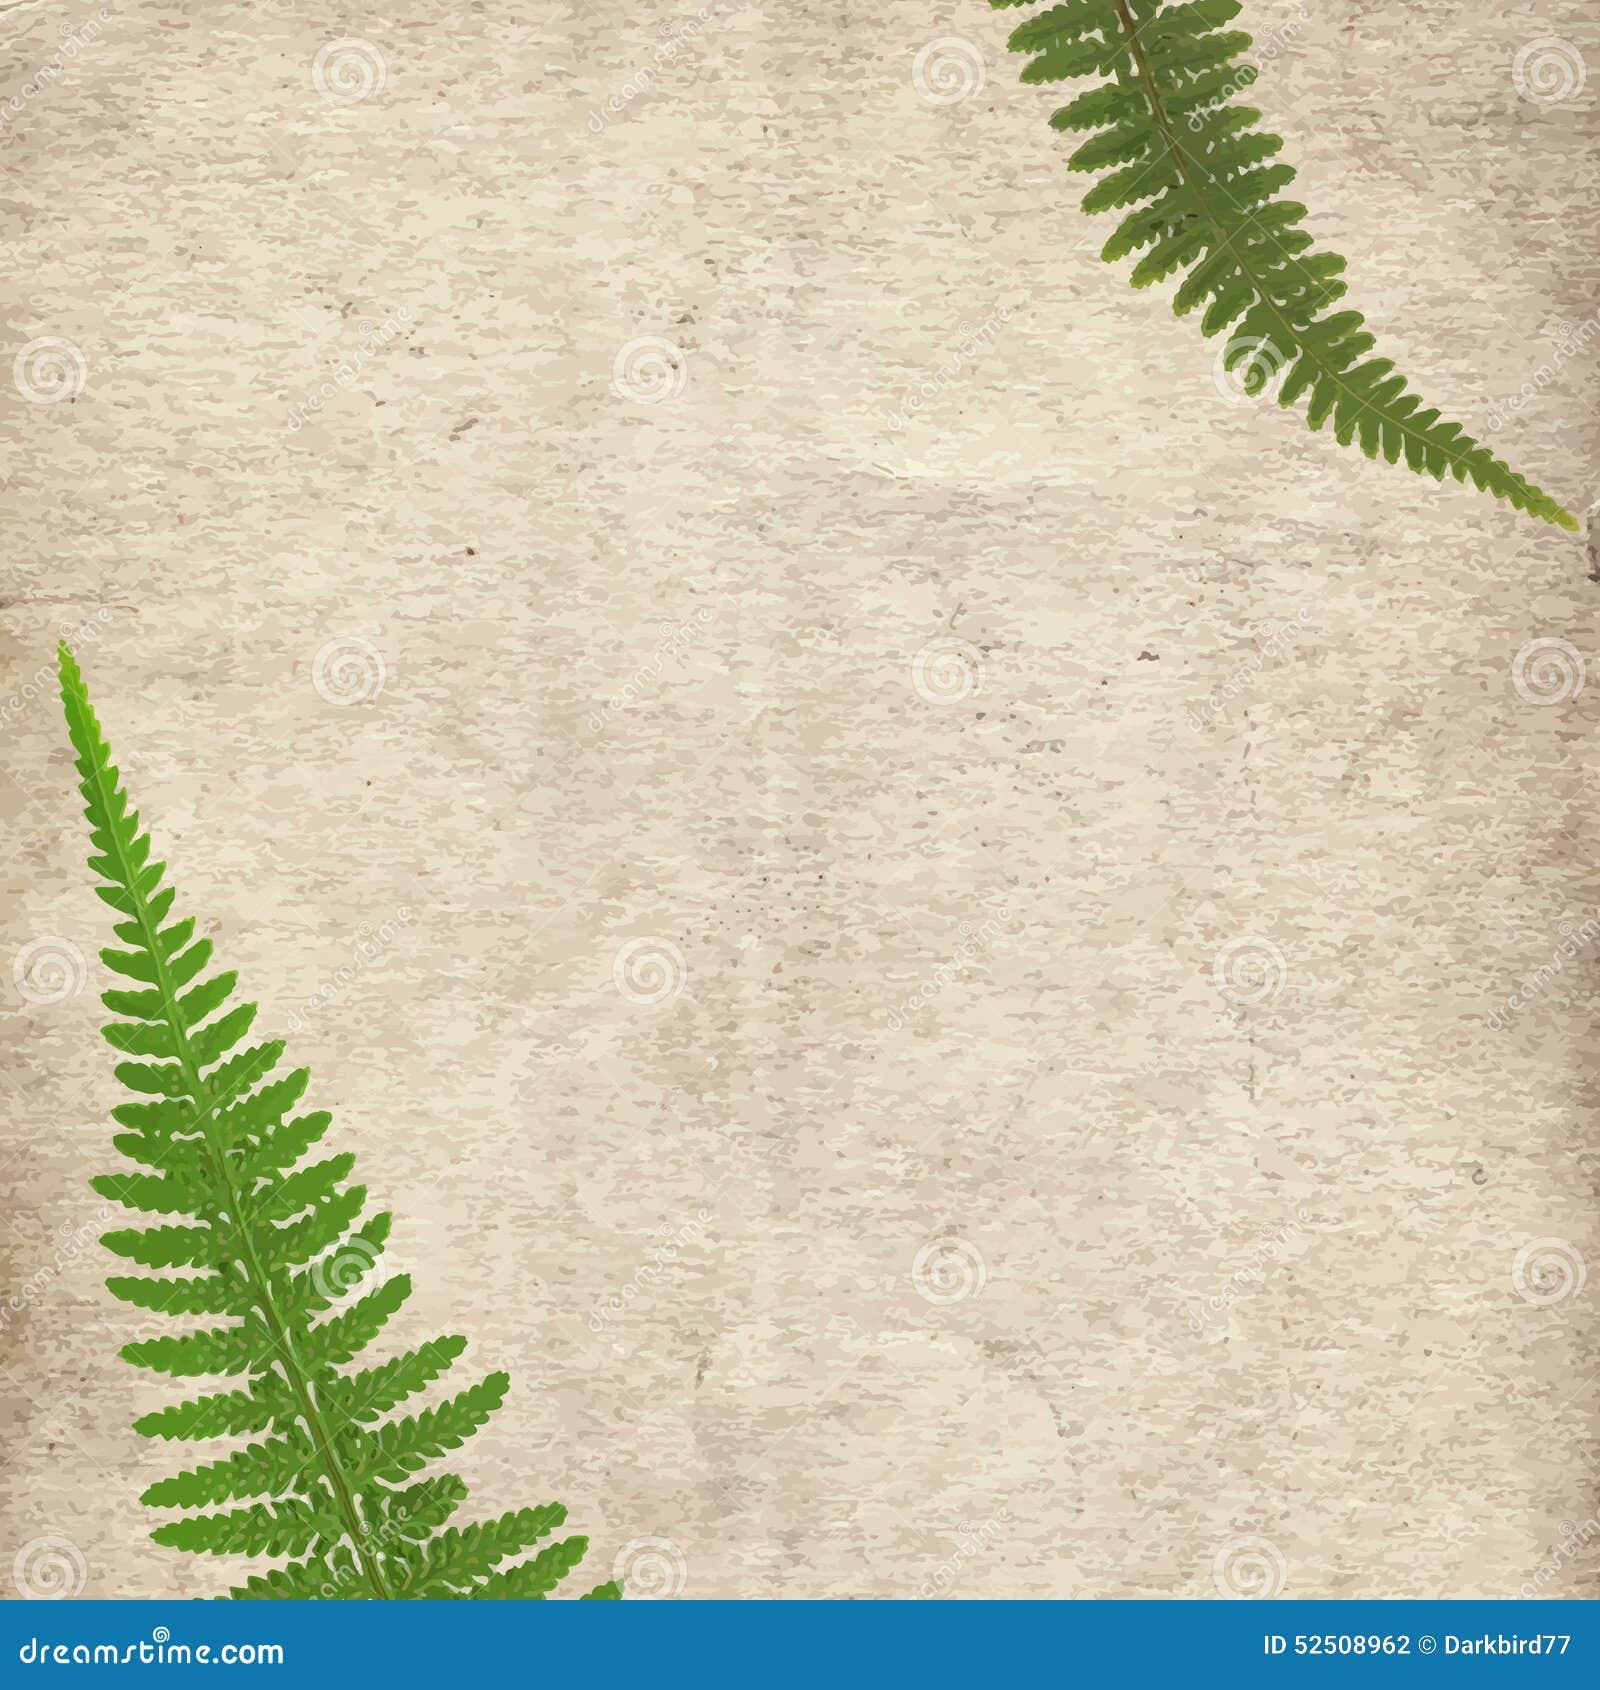 O fundo velho da textura do papel do vintage com a samambaia seca verde sae